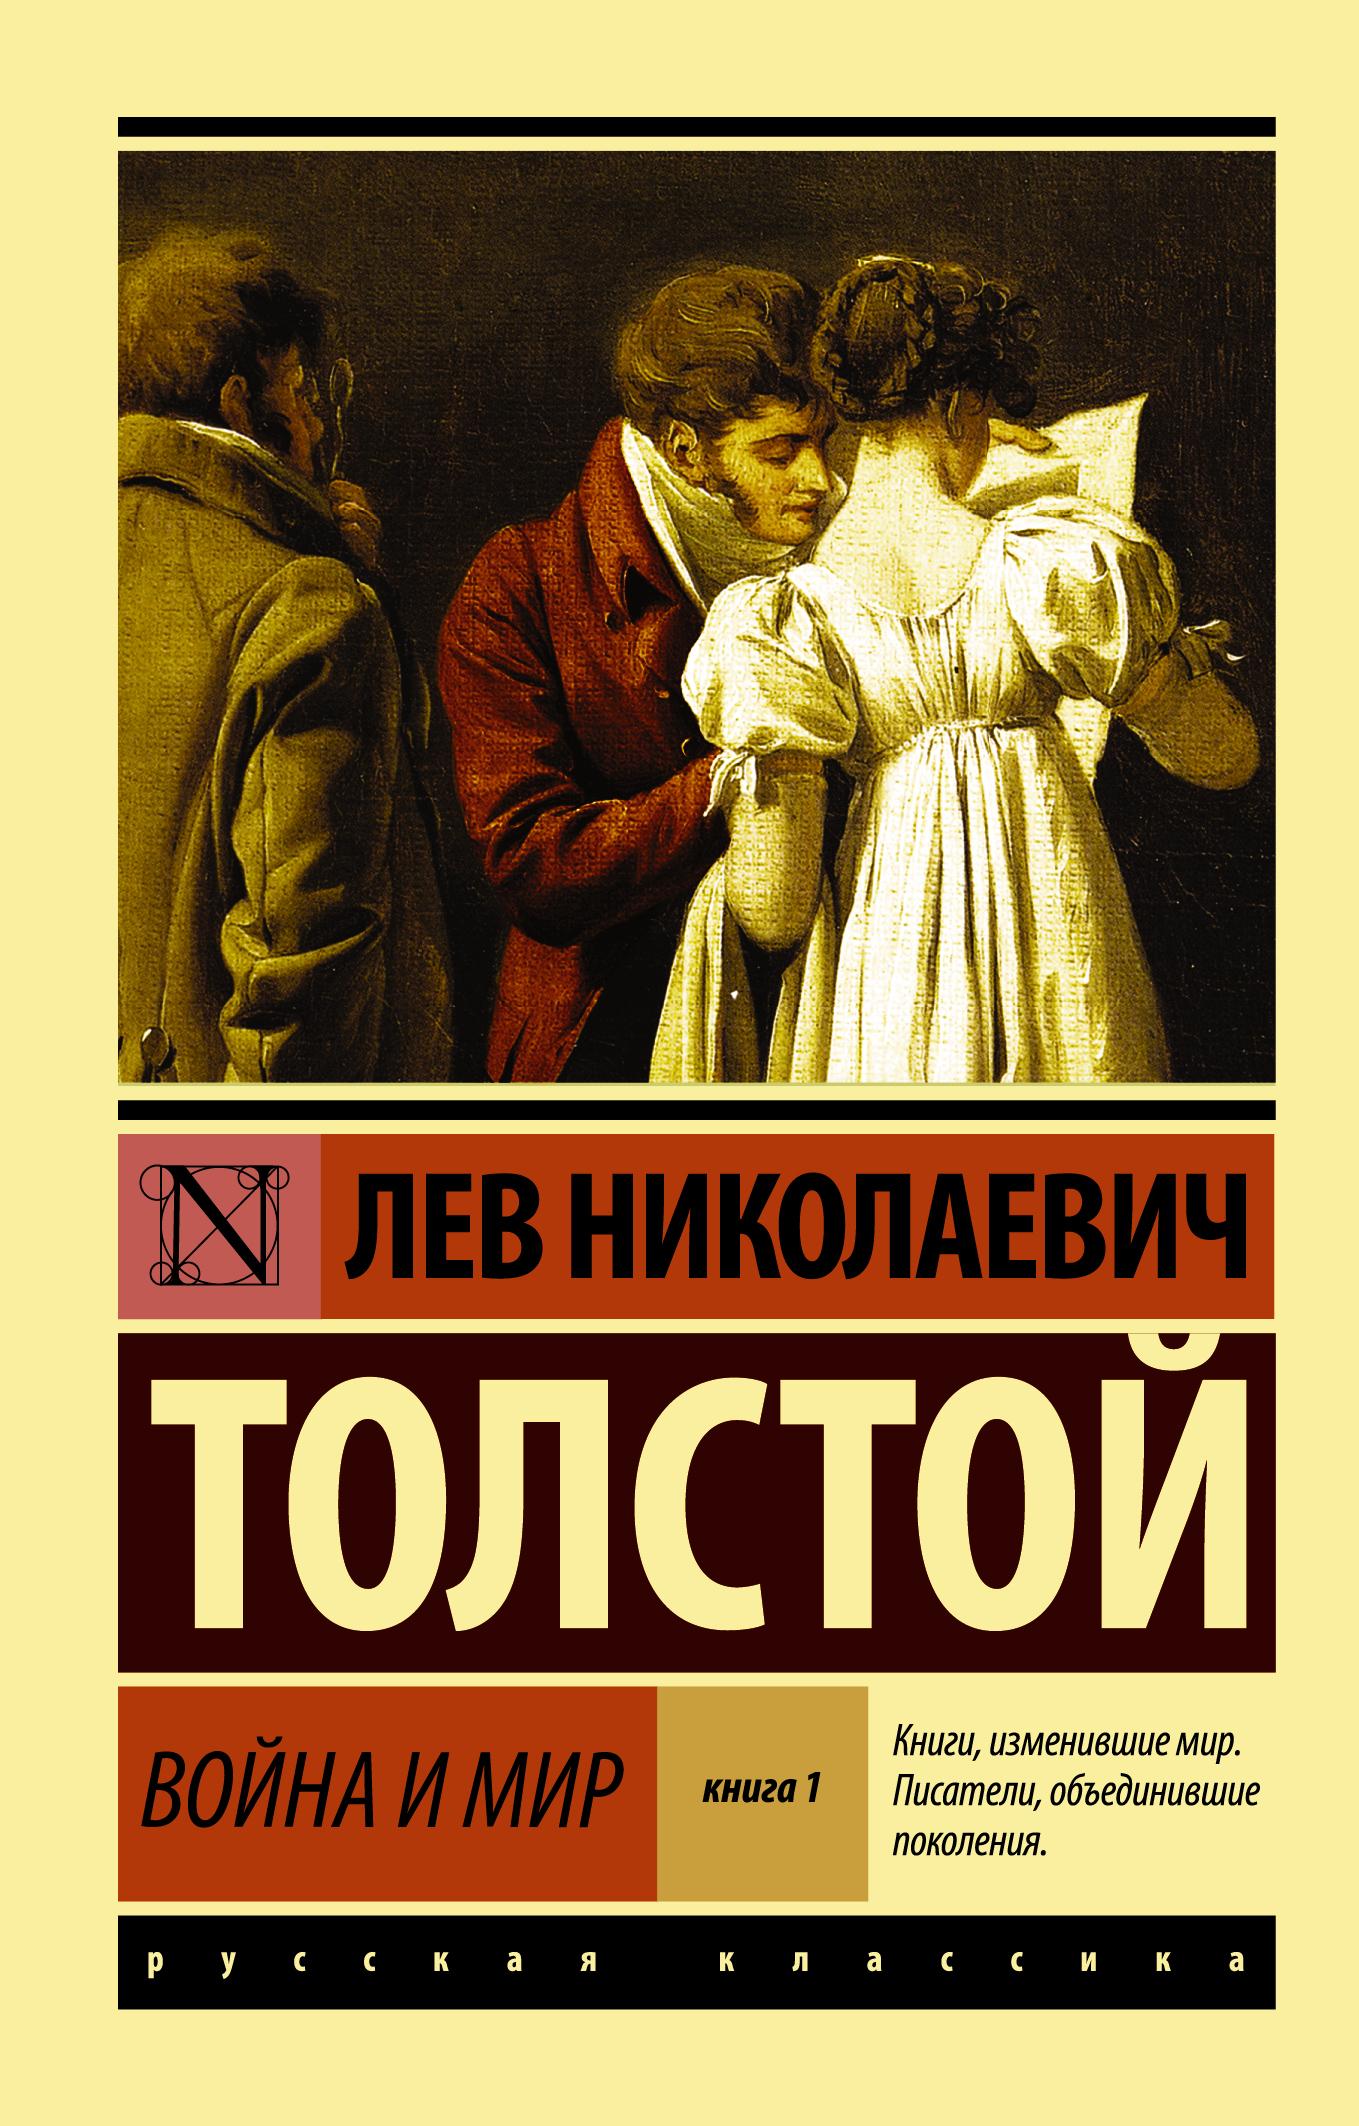 Толстой Л.Н. Война и мир. Кн.1. [Т.1, 2 лев толстой война и мир тома 1 и 2 в сокращении